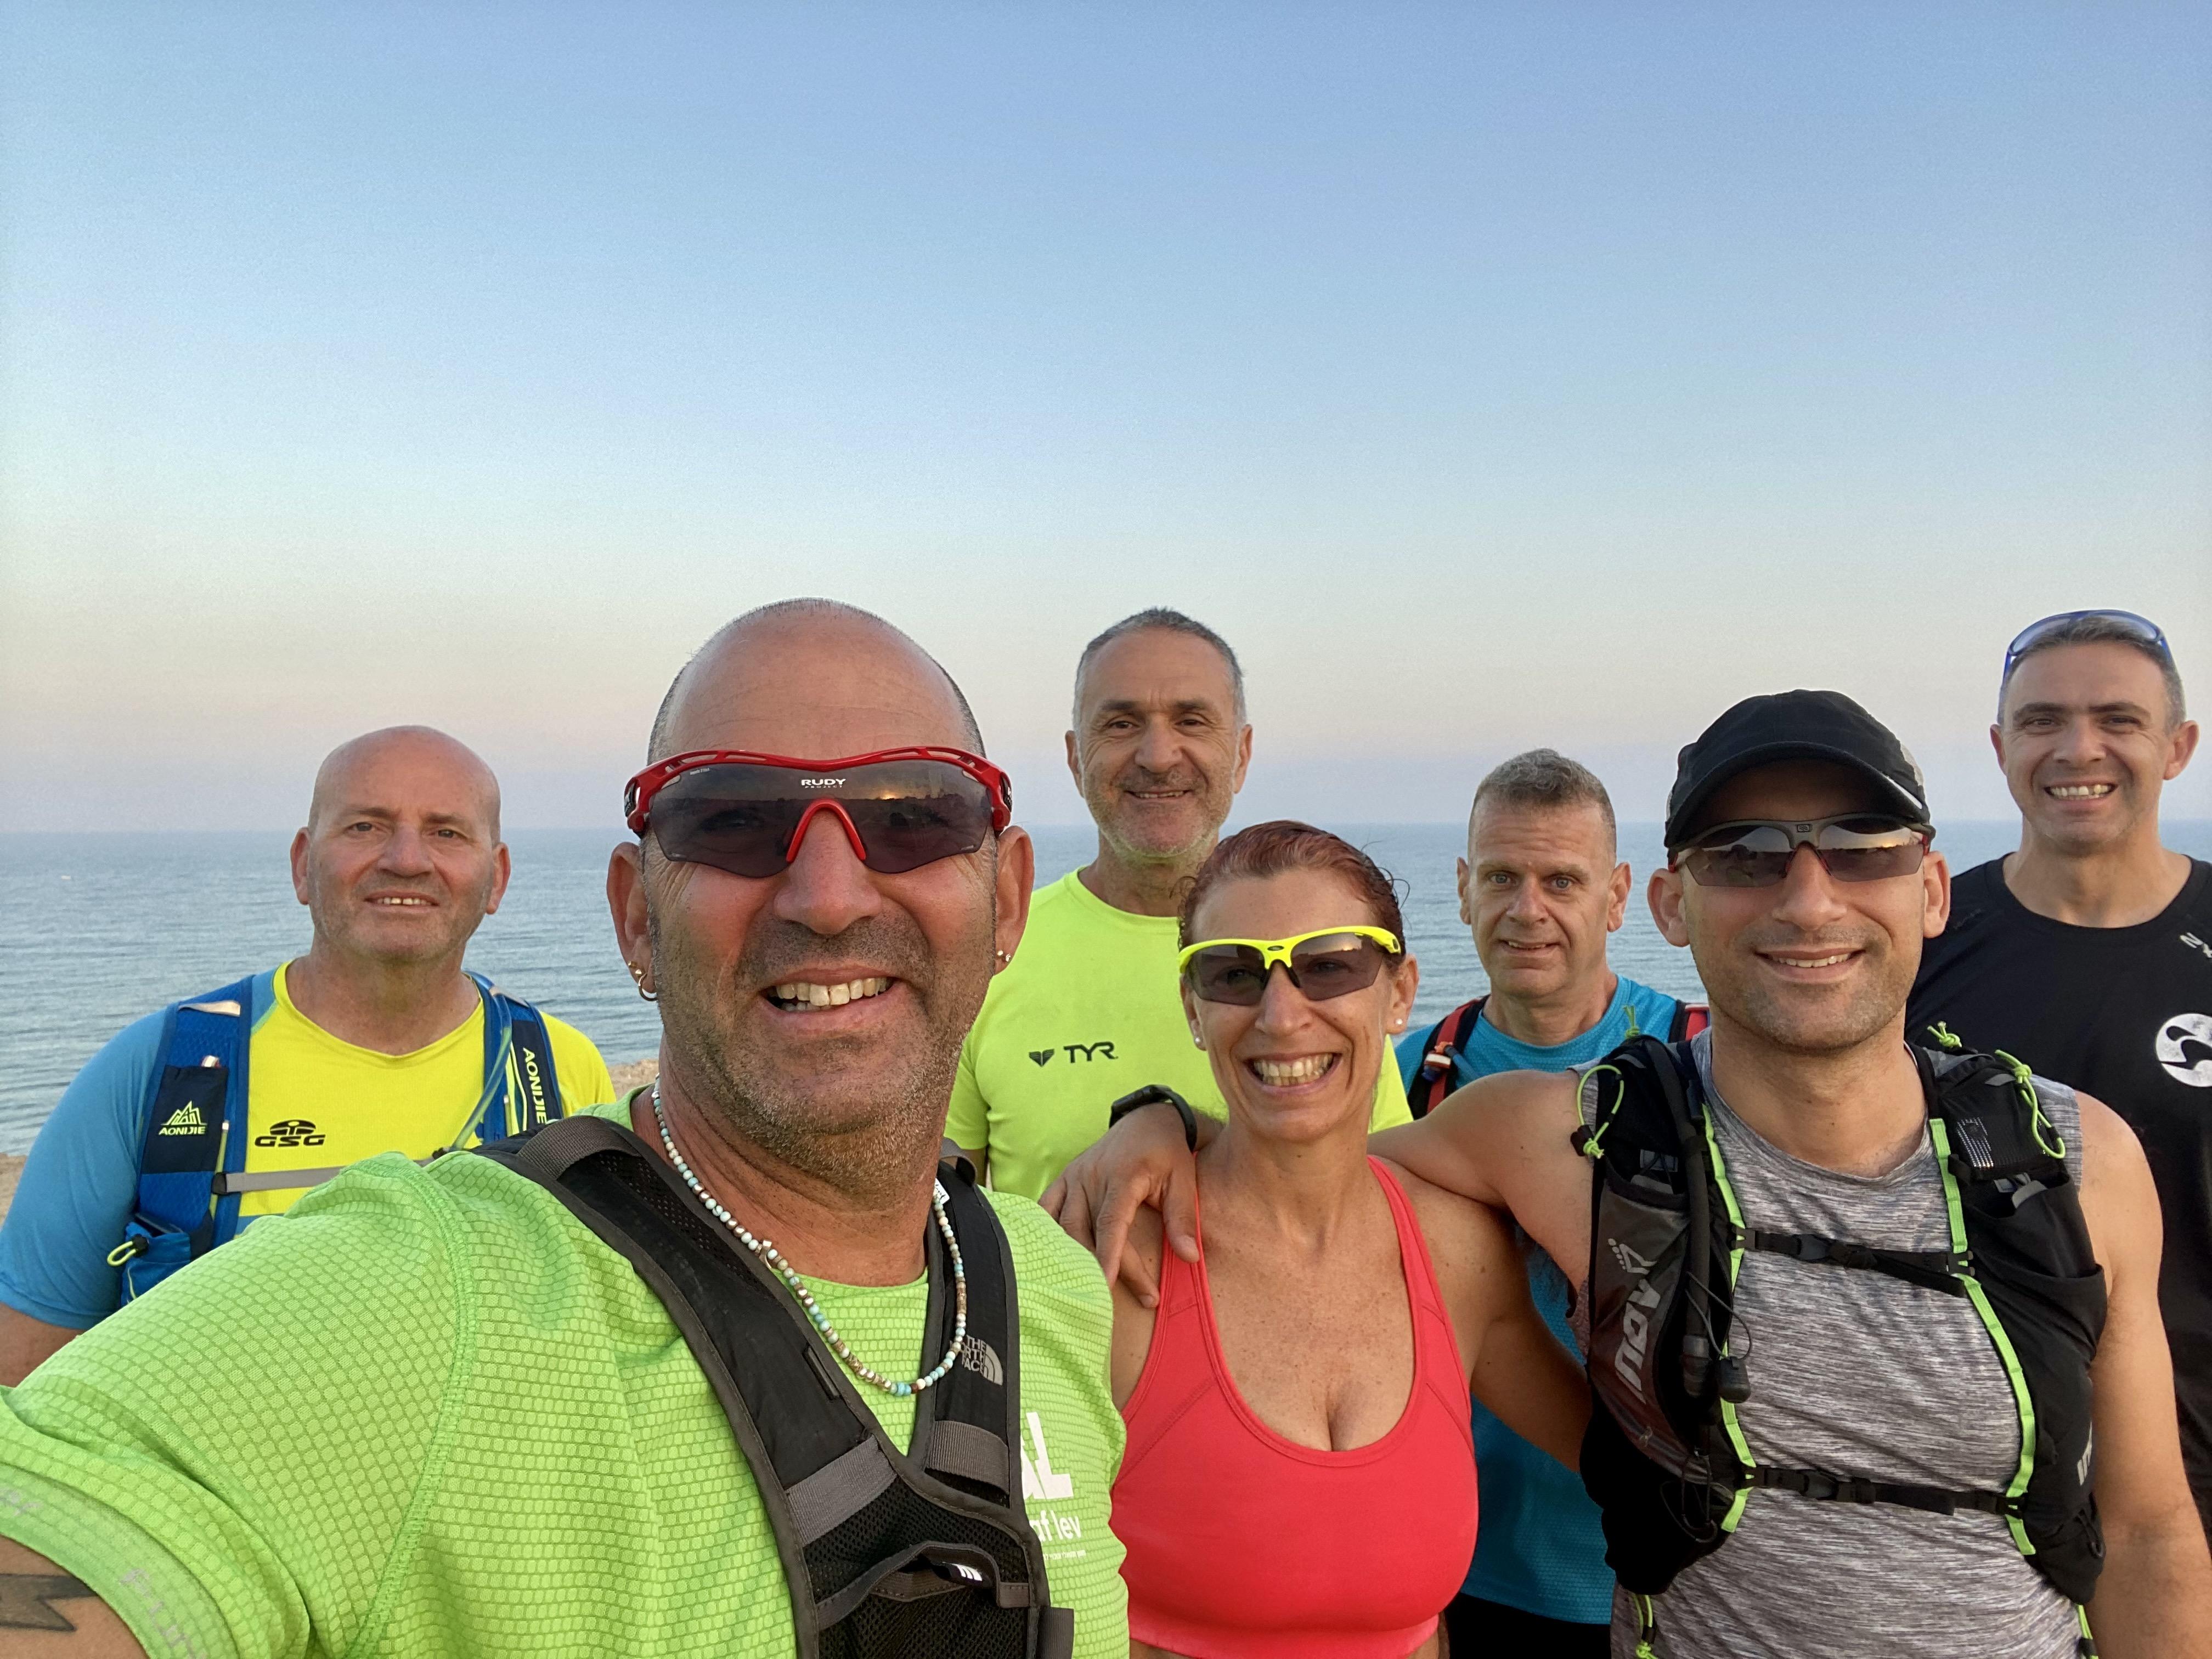 רצים עם אסף - קבוצת ריצה בכפר סבא (2)